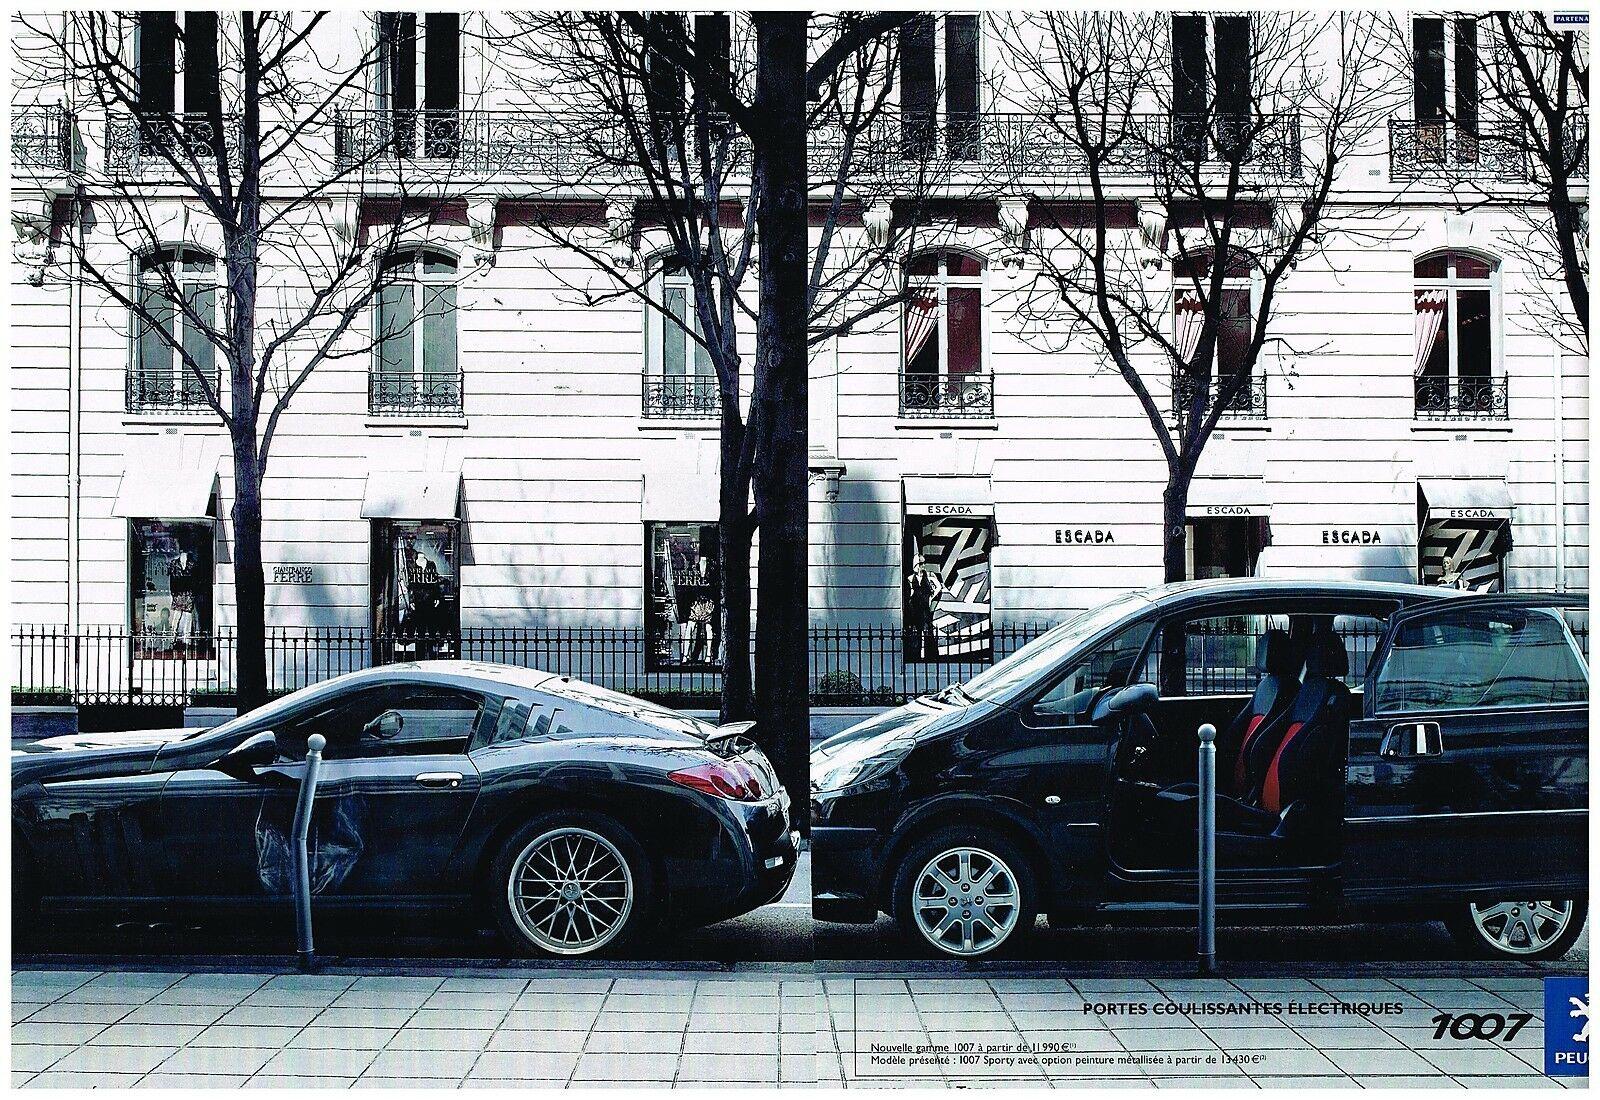 2007 Peugeot 1007